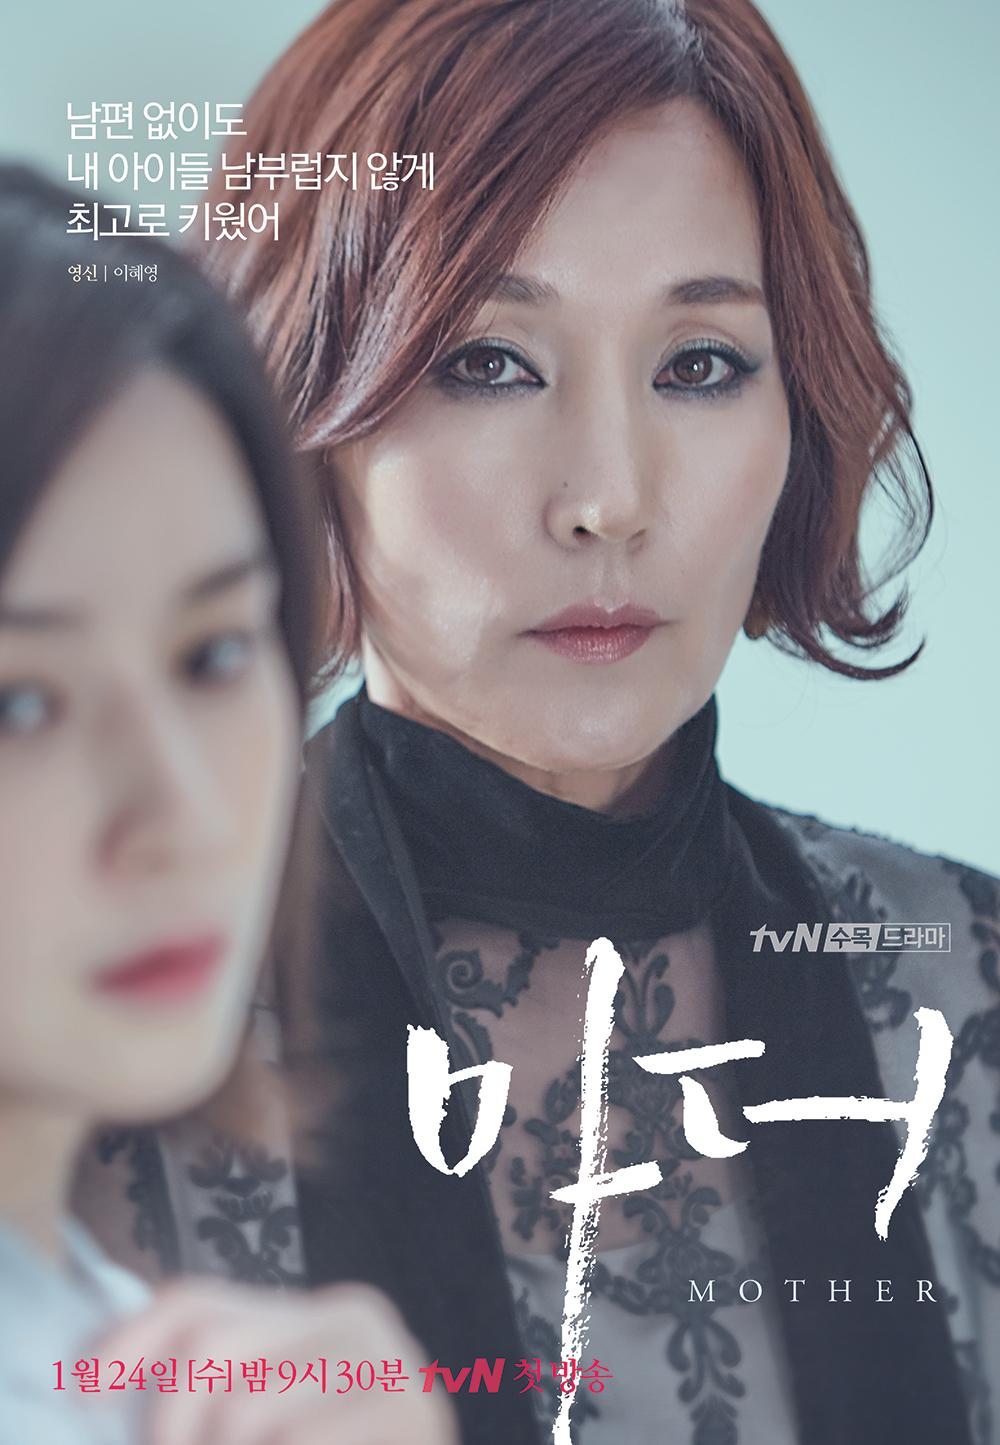 韓劇-Mother-兩個母親-線上看-戲劇簡介-人物介紹-tvN - KPN 韓流網